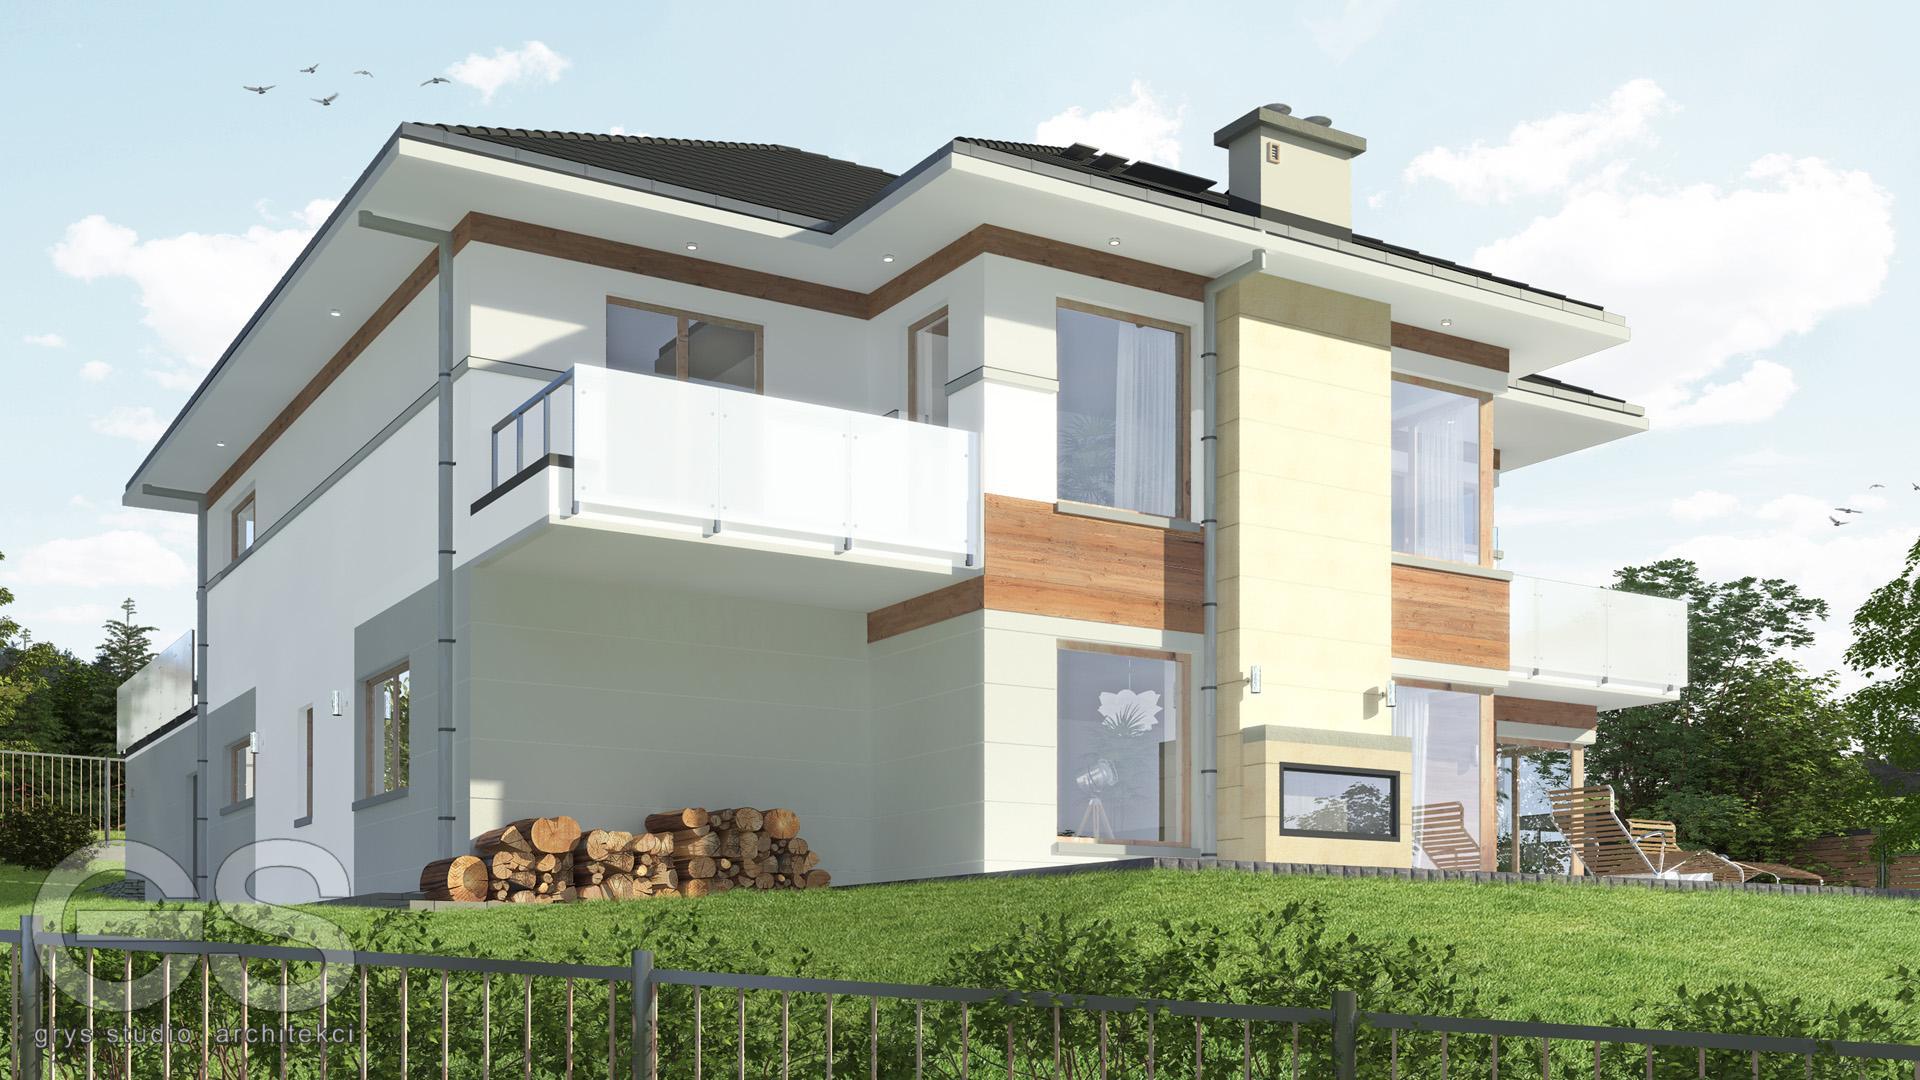 domek jednorodzinny wraz z wbudowanym garażem Bielsko-Biała projekt budowalny projekt wykonawczy